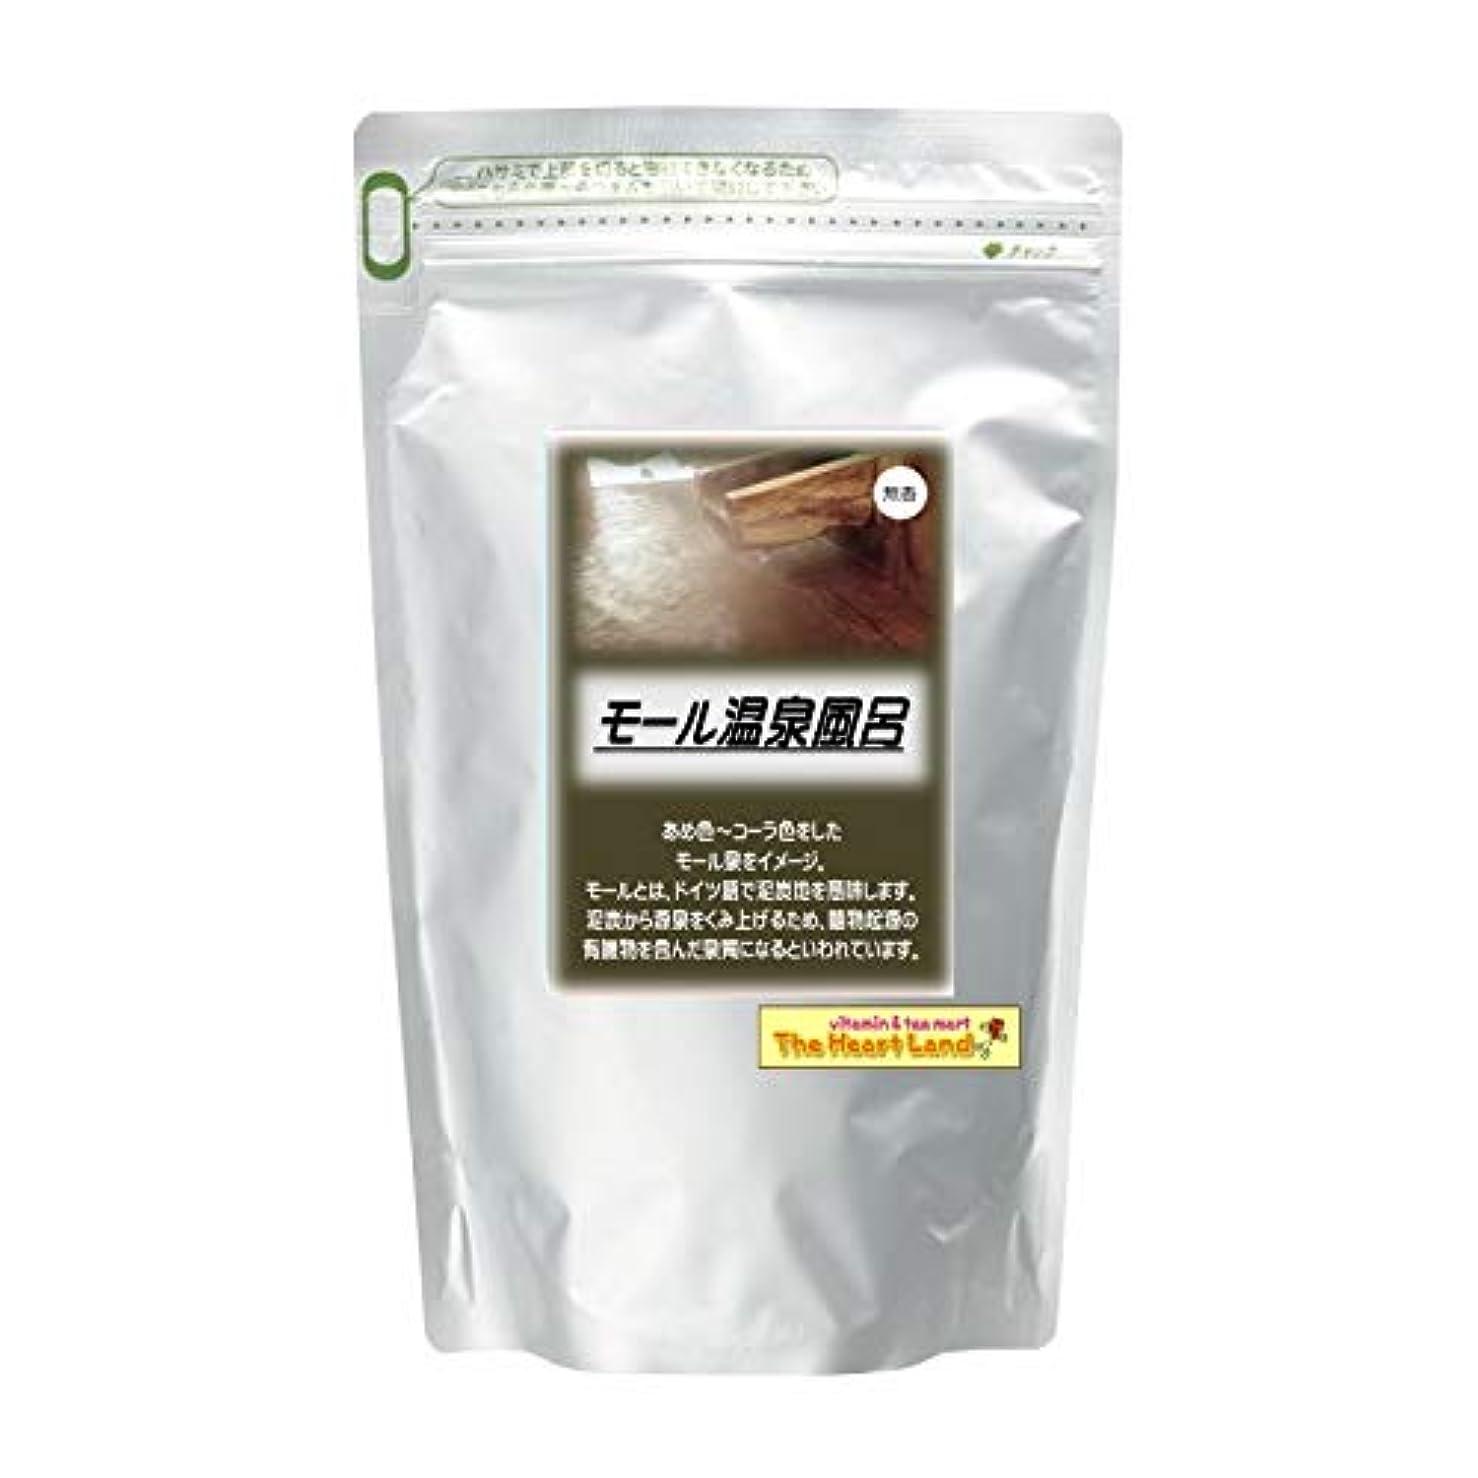 気づく結核乳アサヒ入浴剤 浴用入浴化粧品 モール温泉風呂 300g